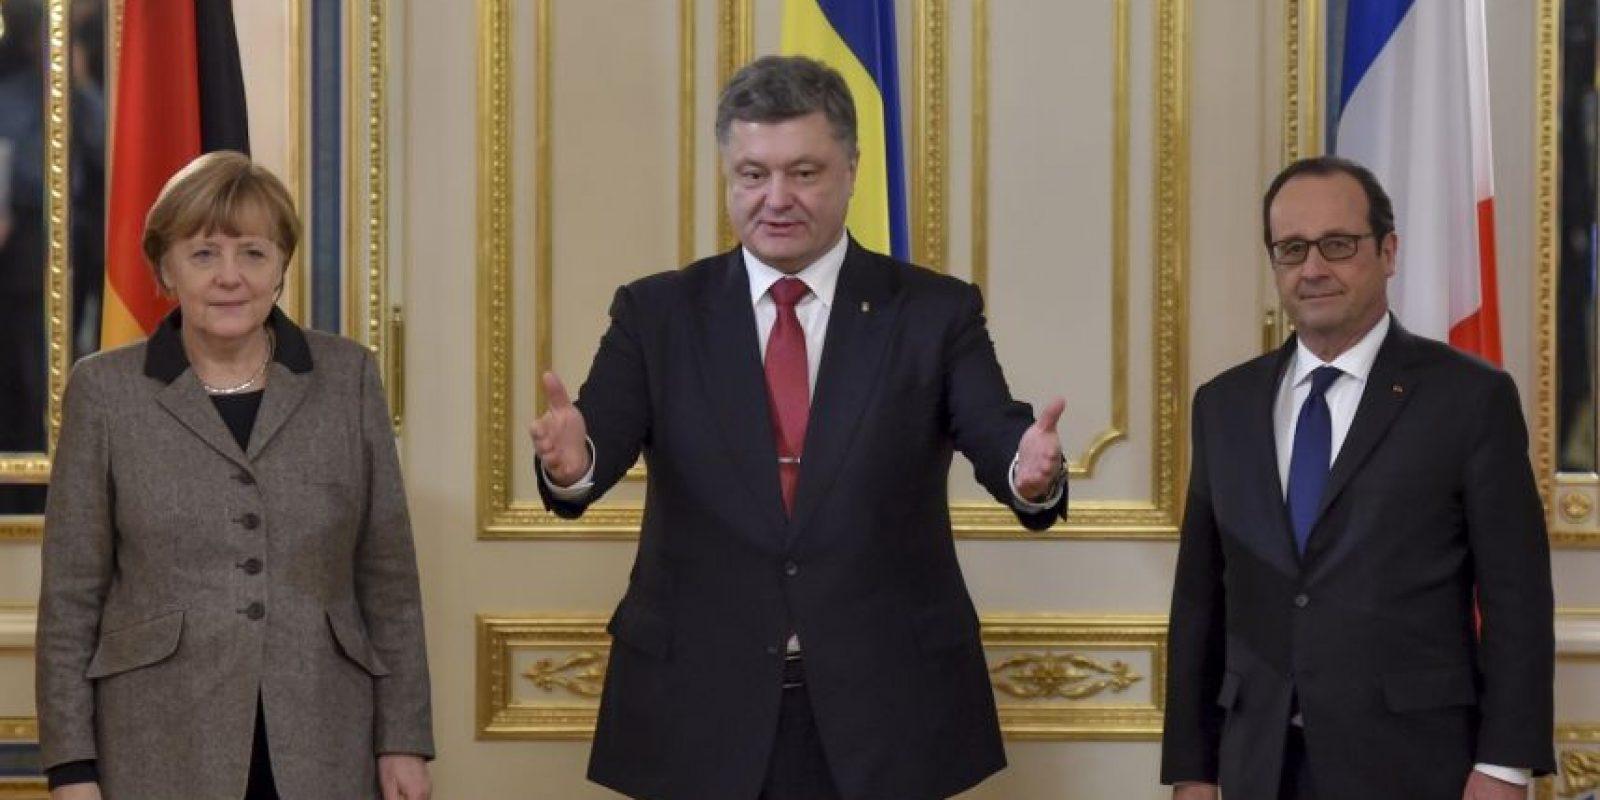 El propósito es lograr un inmediato cese el fuego entre el ejército ucranio y las milicias separatistas. Foto:AP